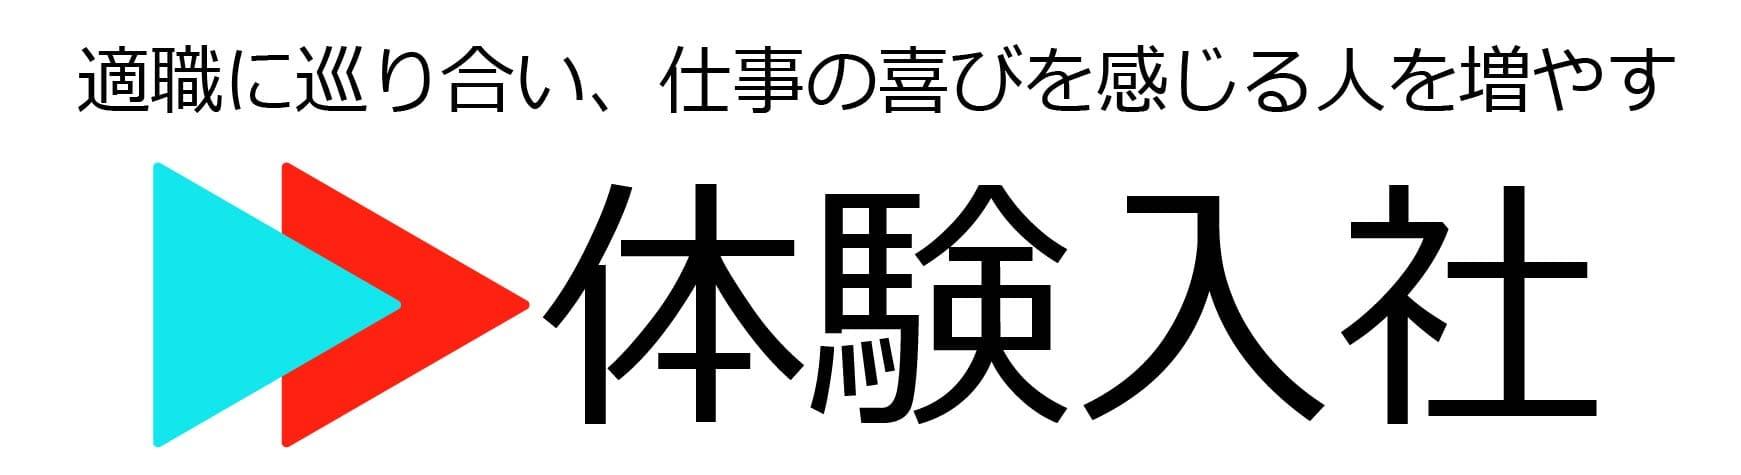 仕事のリアルな情報が見られる転職サイト【体験入社】